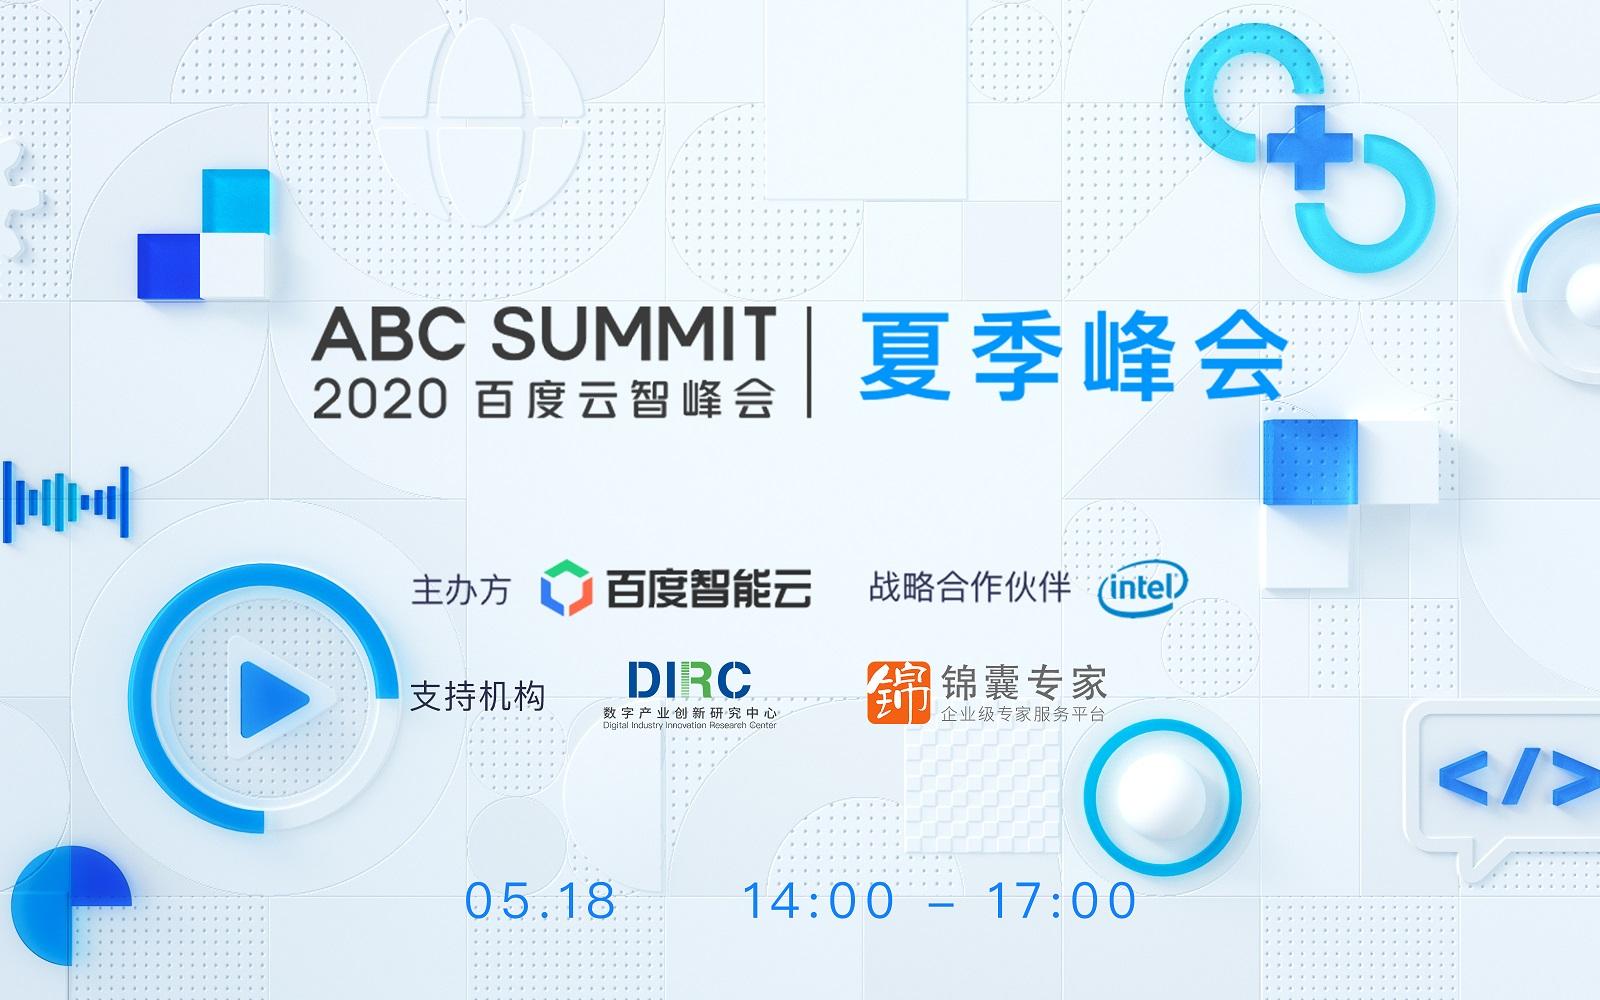 ABCSummit2020百度云智峰会 夏季峰会